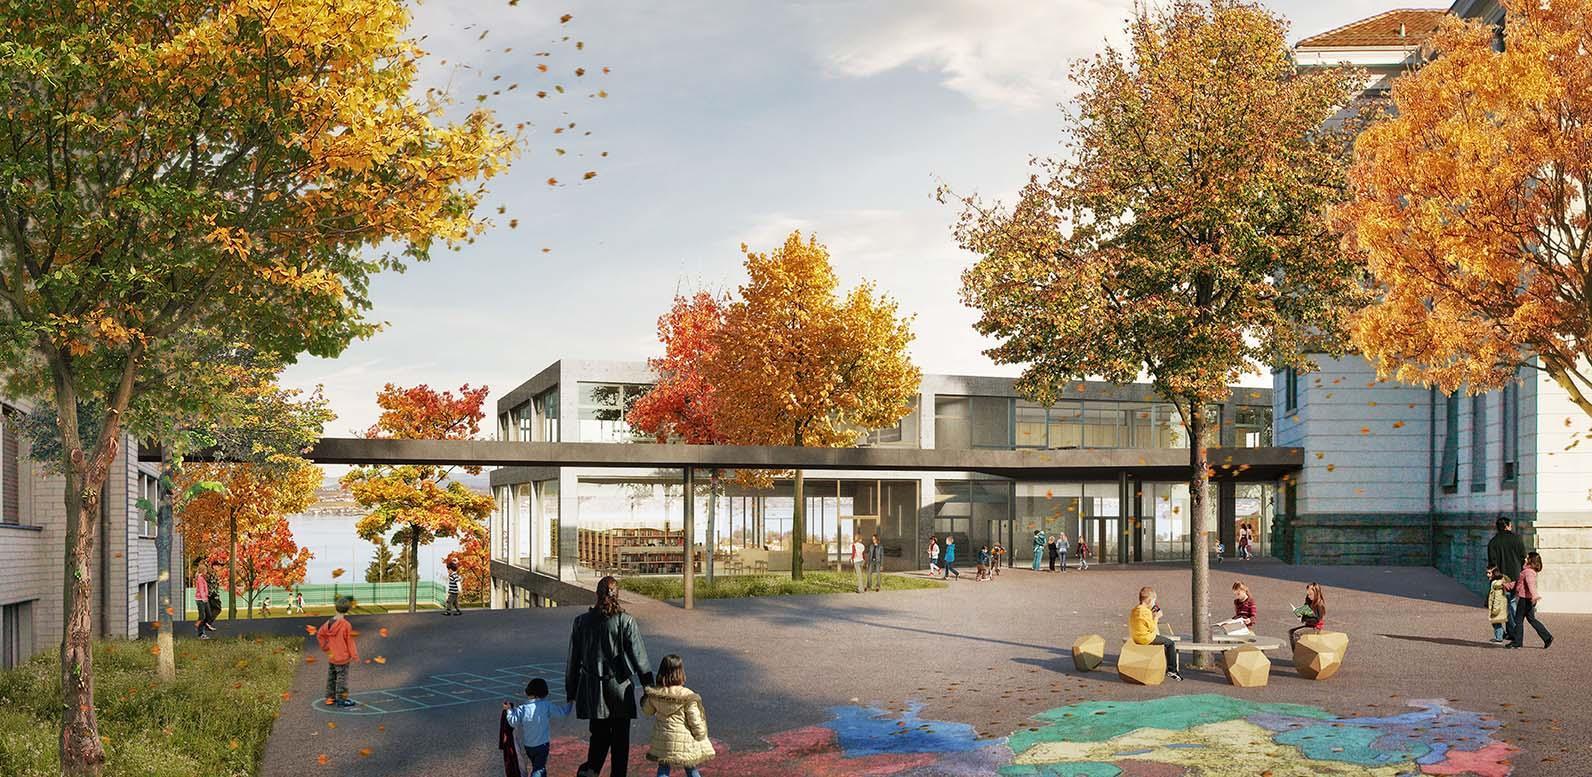 Bildungs- und Begegnungszentrum Wollerau, Derendinger Jaillard Architekten, HAiKu